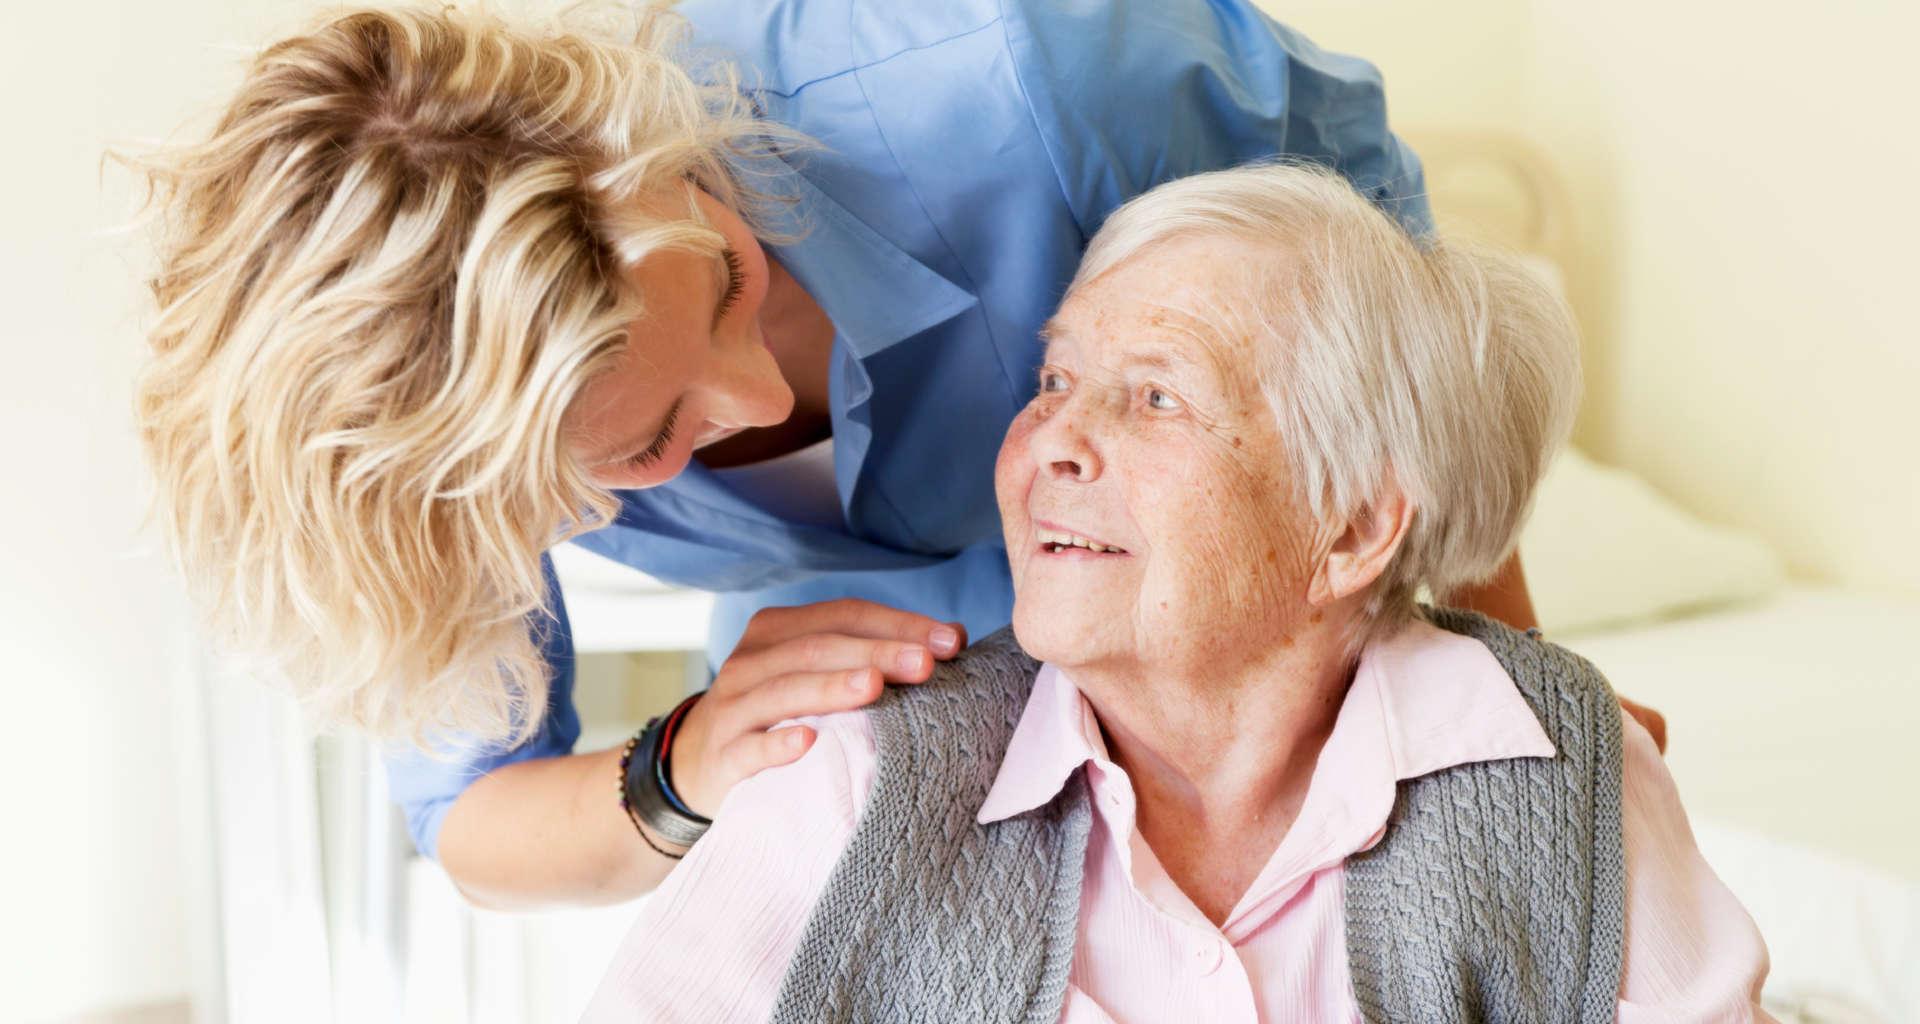 Pomoč in varstvo oseb z demenco: Koper in okolica | najboljši ponudniki za pomoč na domu